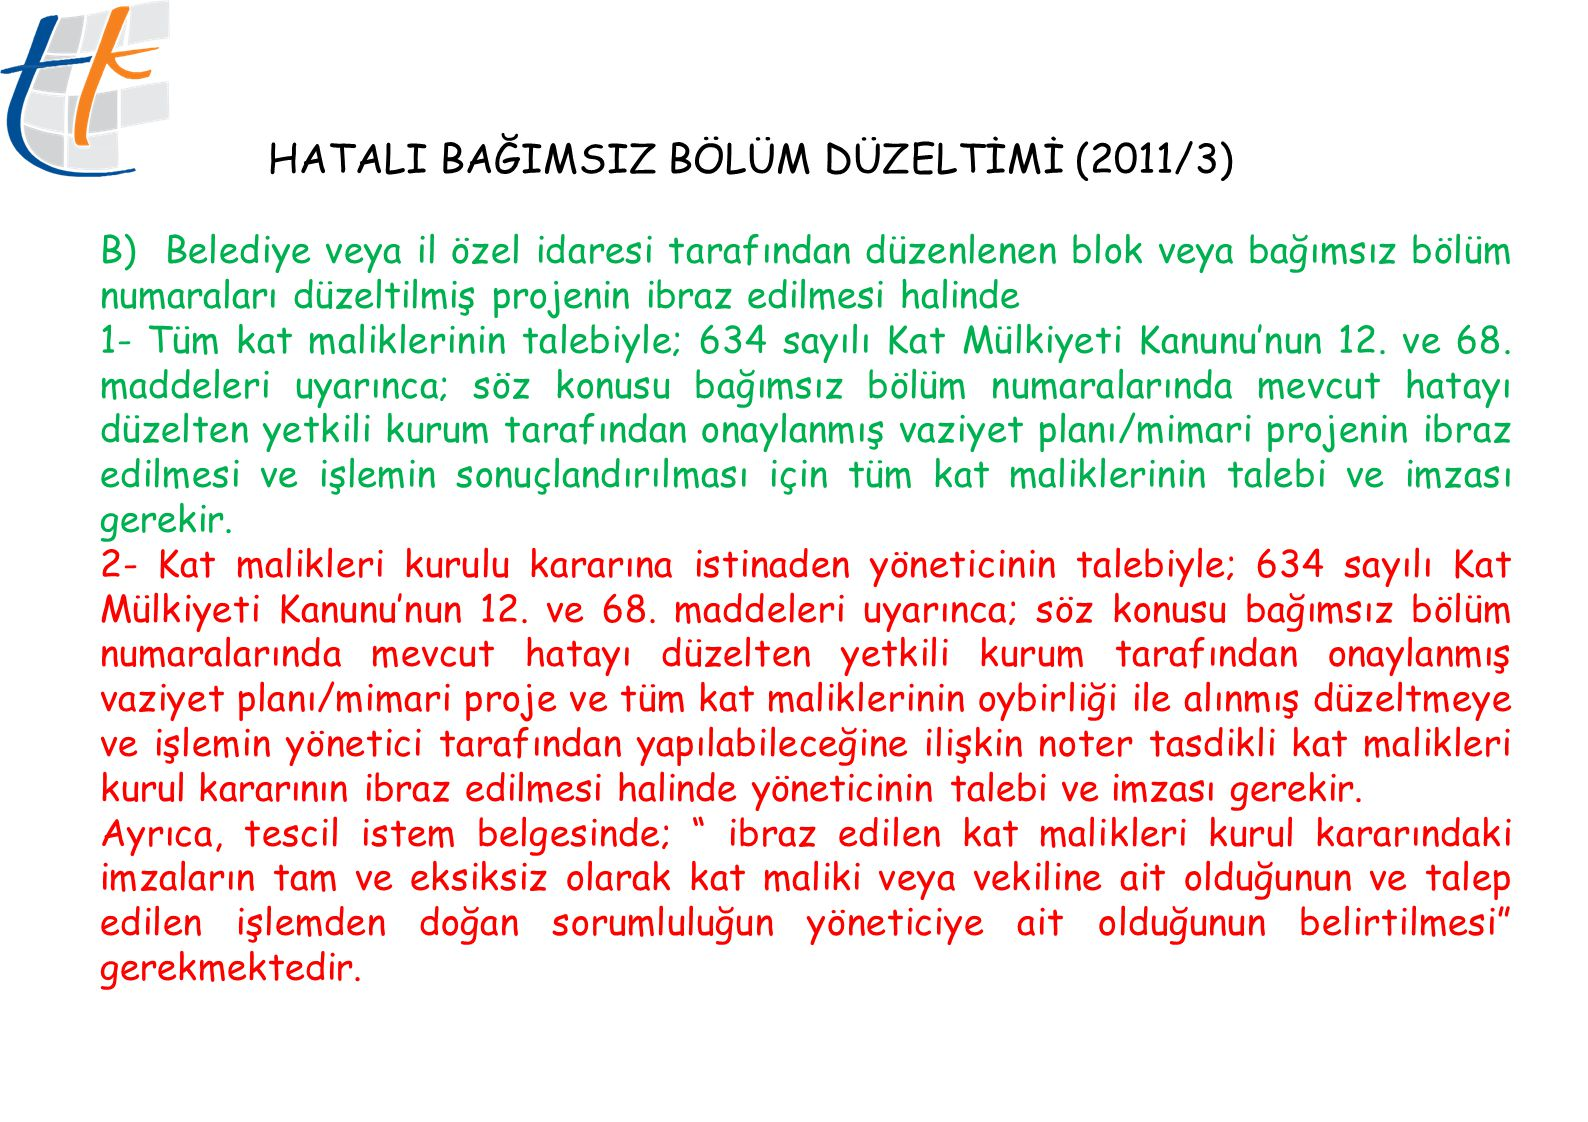 HATALI BAĞIMSIZ BÖLÜM DÜZELTİMİ (2011/3)